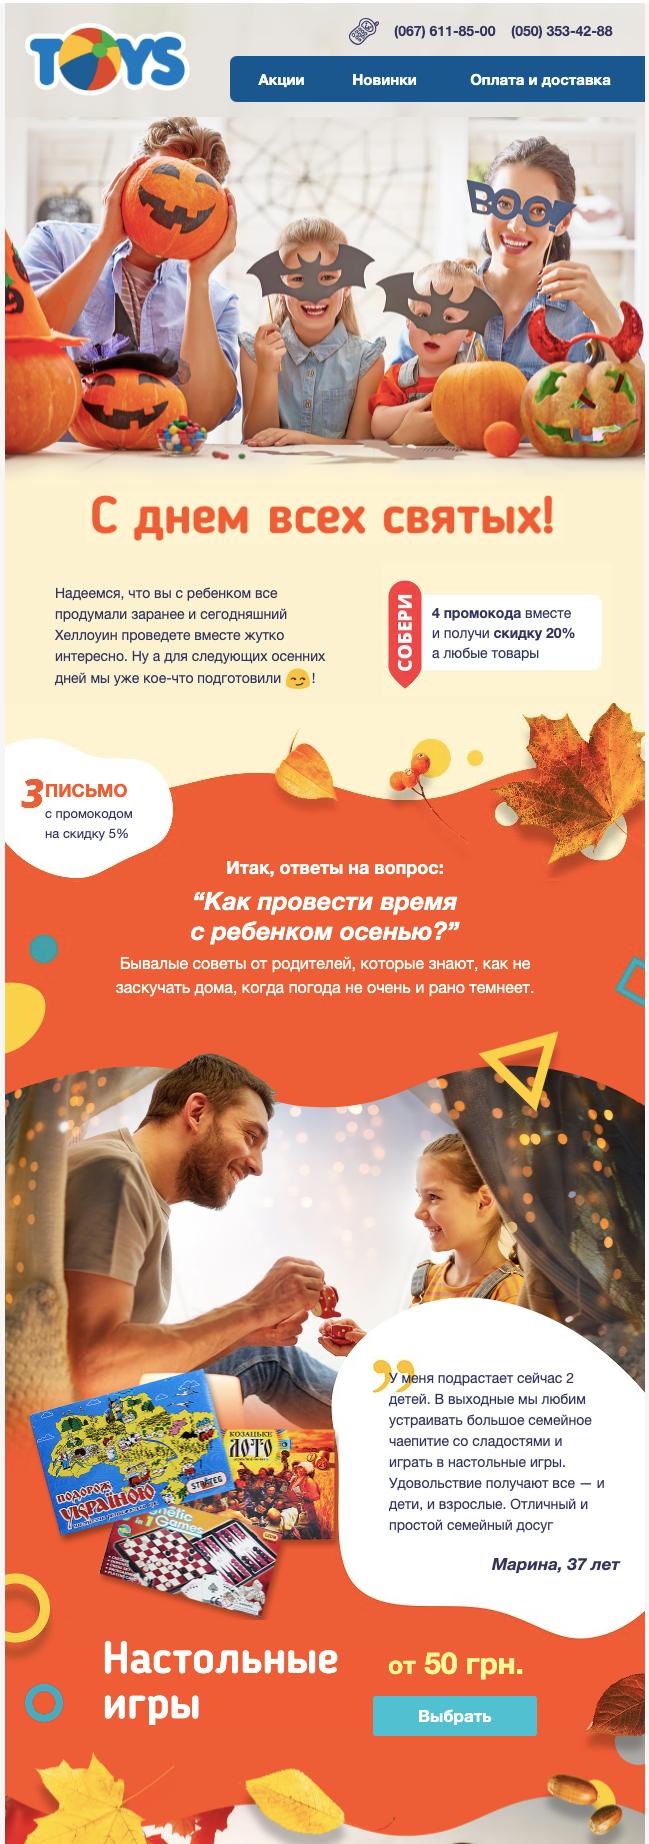 Пример отзывов родителей в письме Toys.com.ua